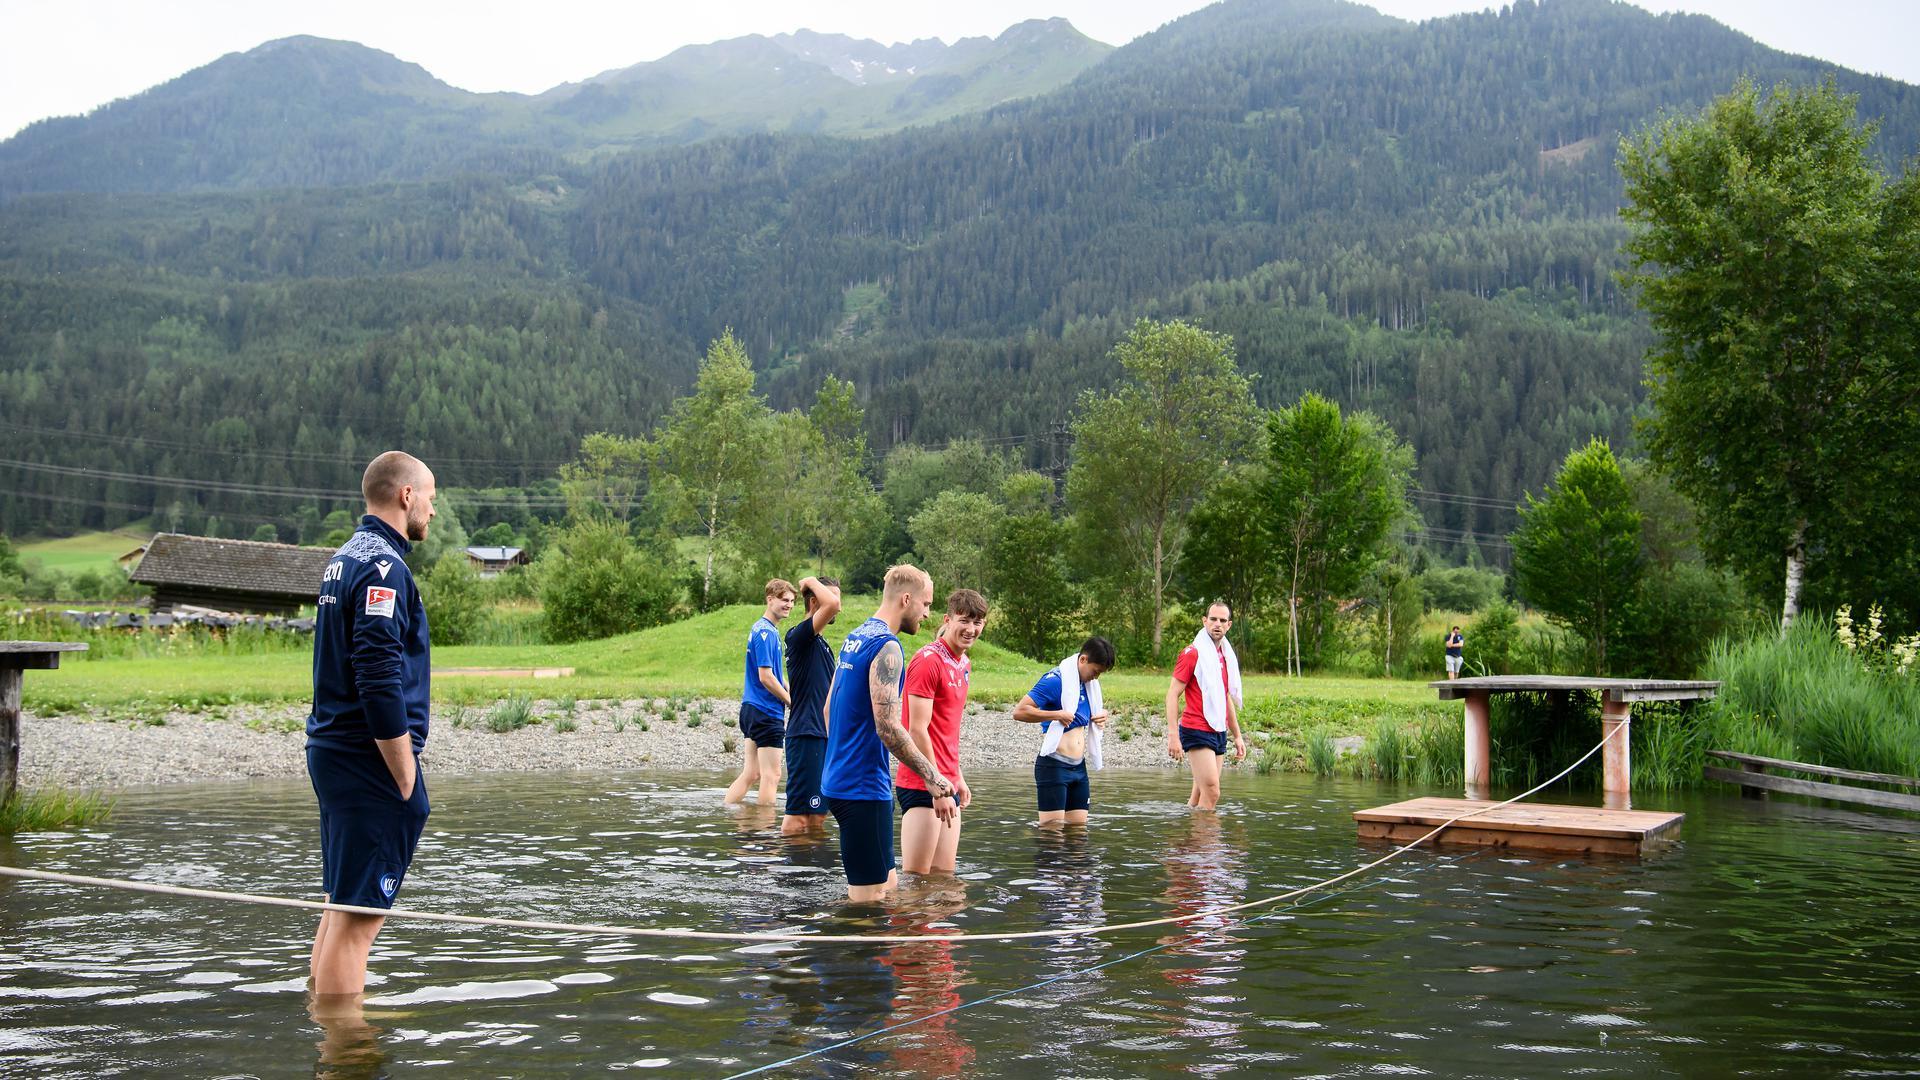 Kurze Abkühlung: Nach einem kurzen Lauf klettern die KSC-Profis in den Badesee von Neukirchen am Großvenediger.